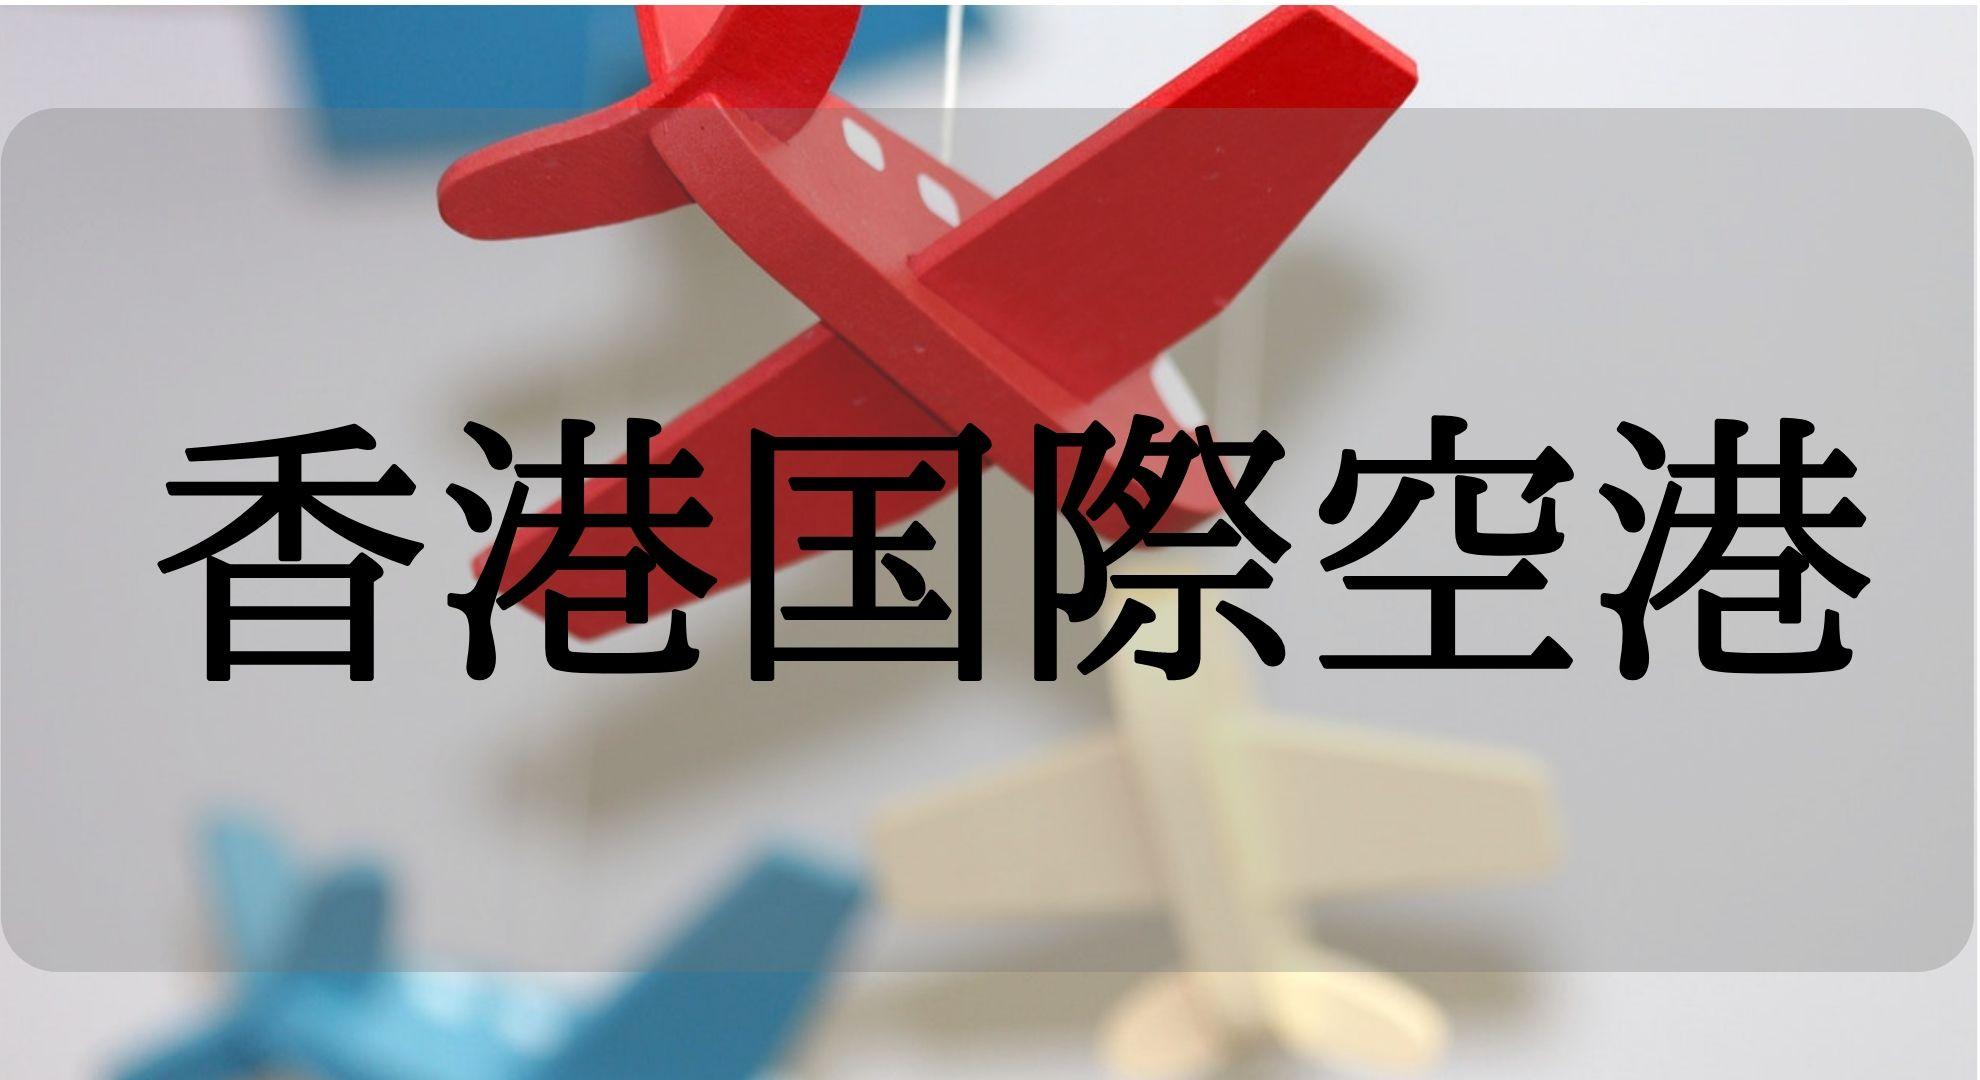 香港の巨大ハブ空港「香港国際空港」でやるべきことを紹介